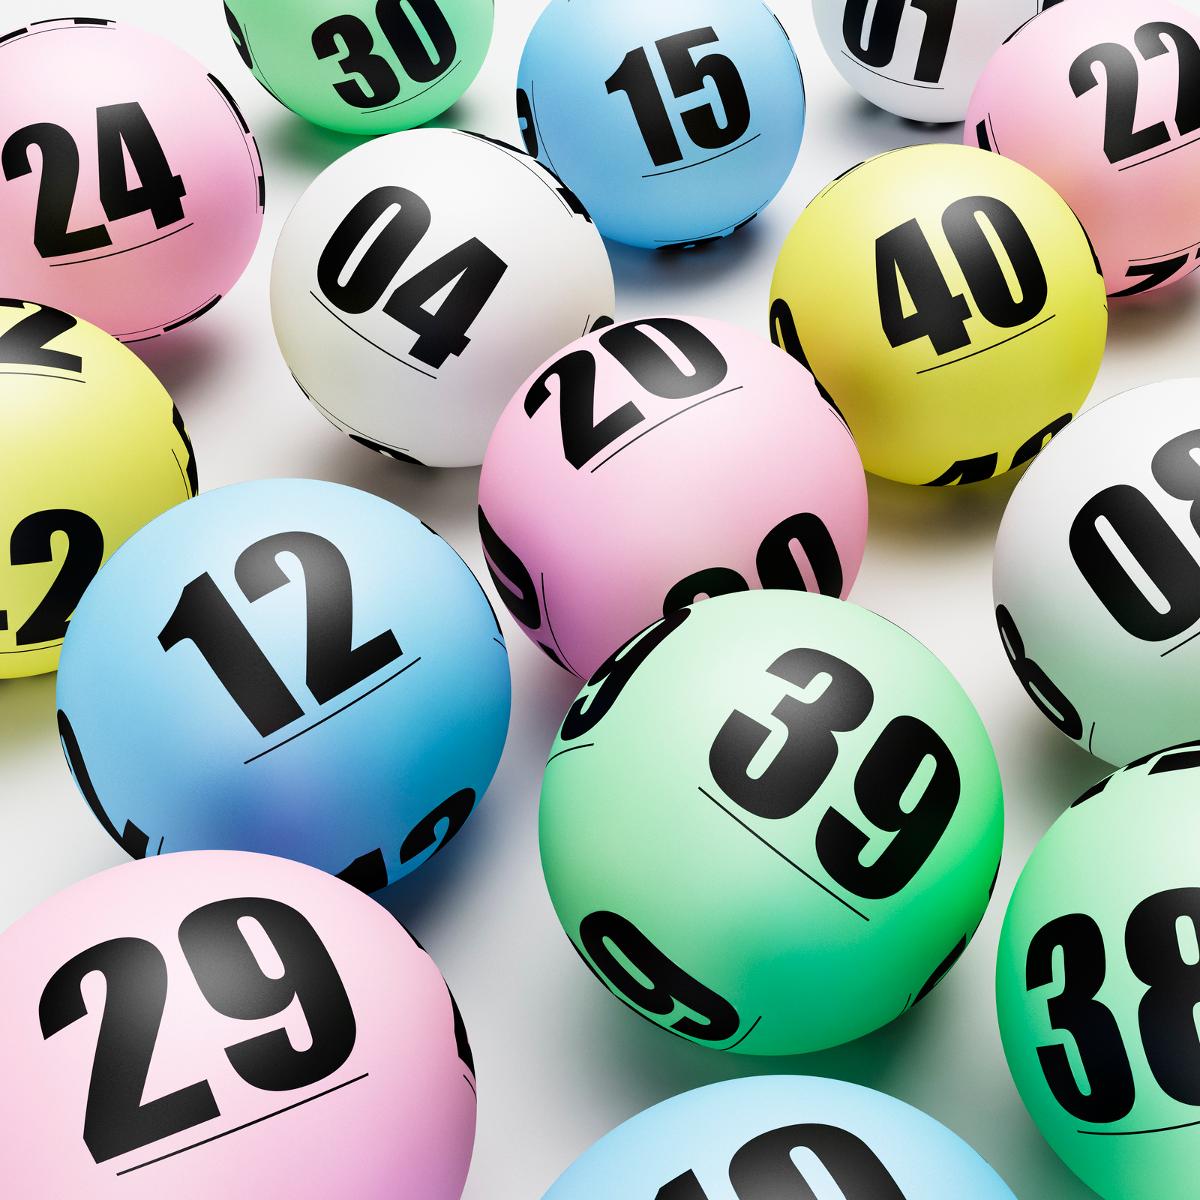 Числовые системы в лотереи.  как выигрывать  больше!